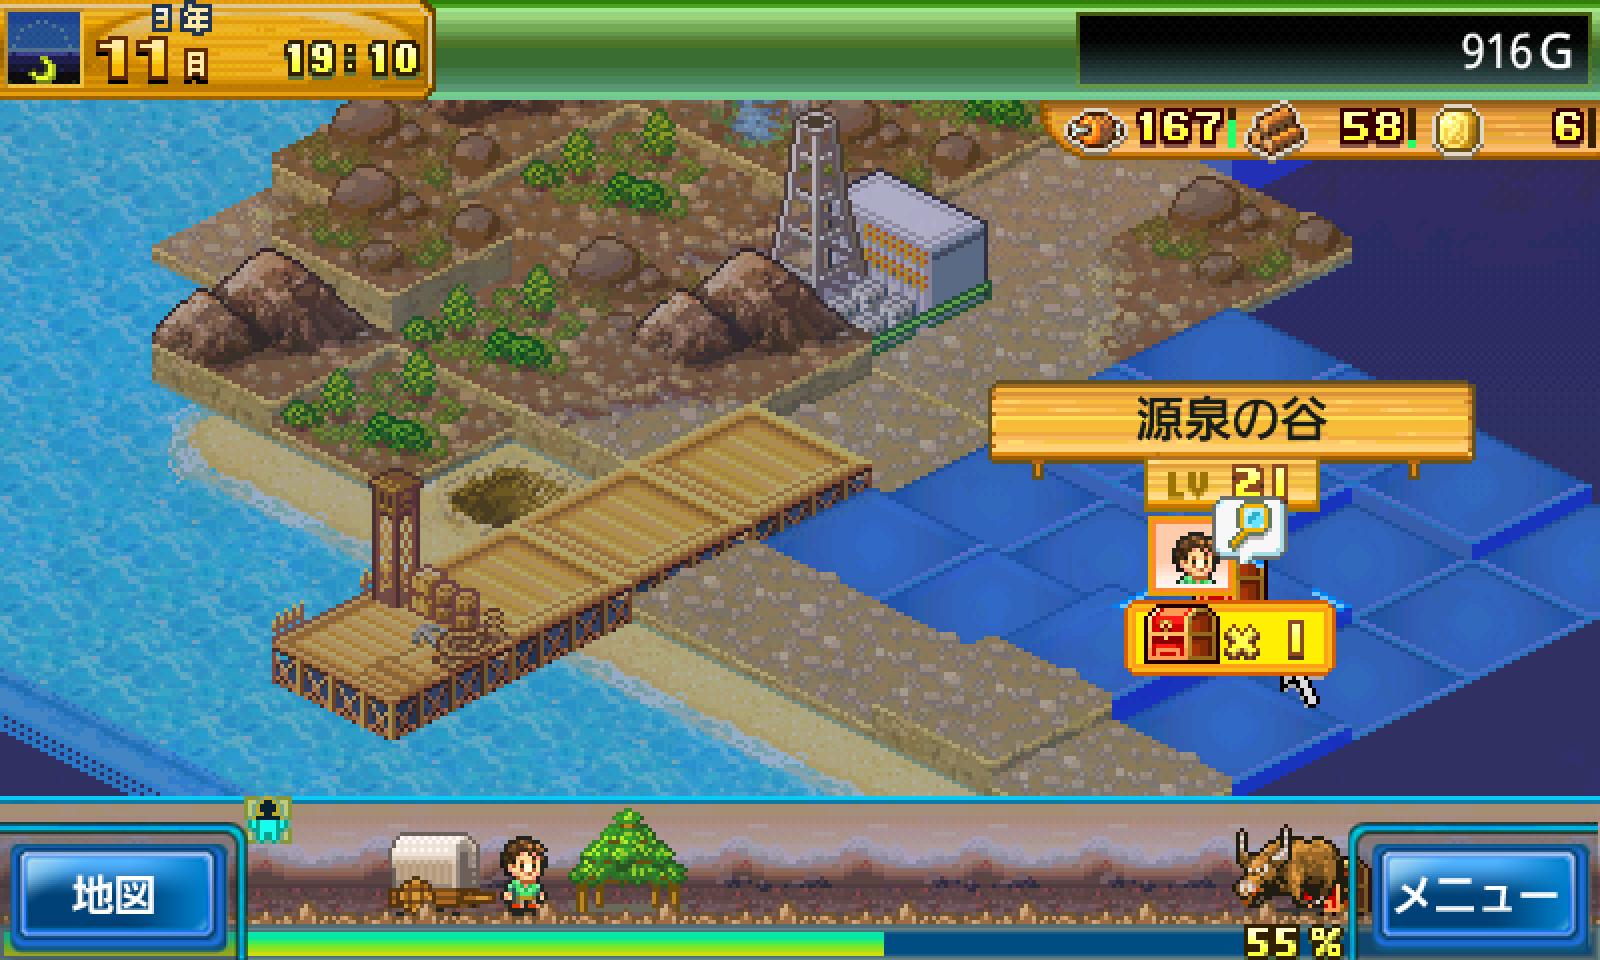 開拓サバイバル島 screenshot #23